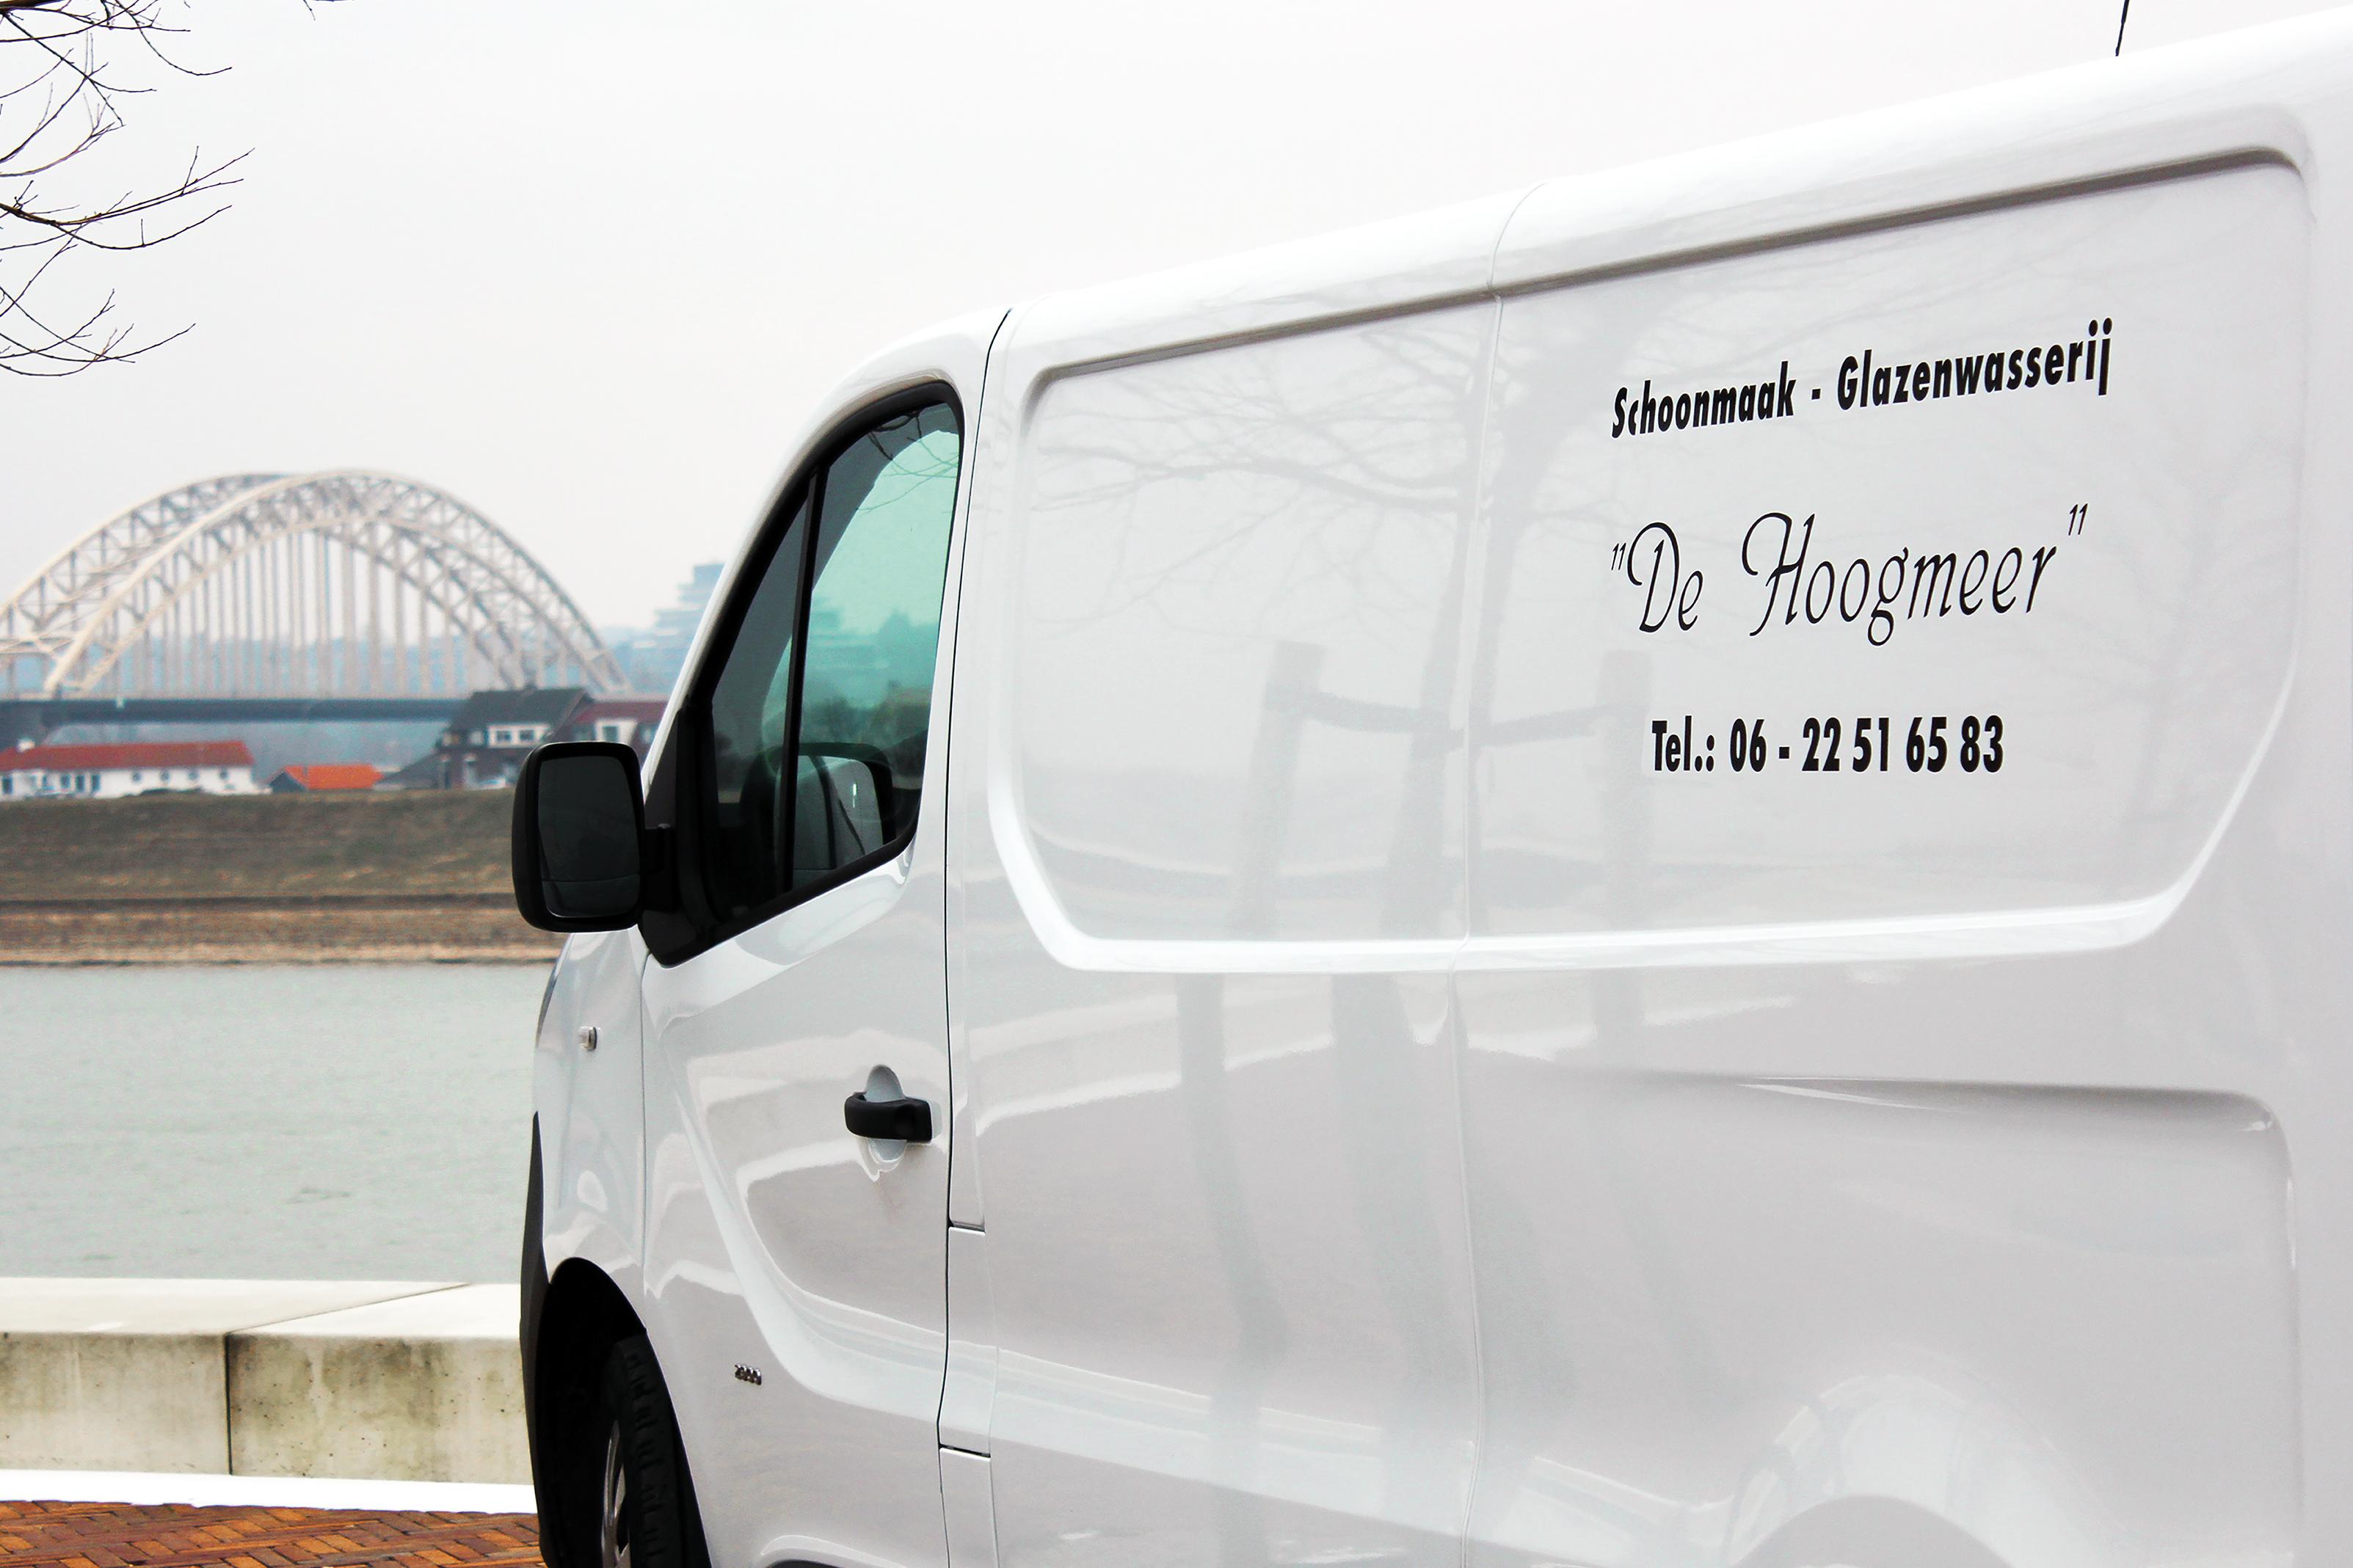 Over_ons_auto_de_Hoogmeer